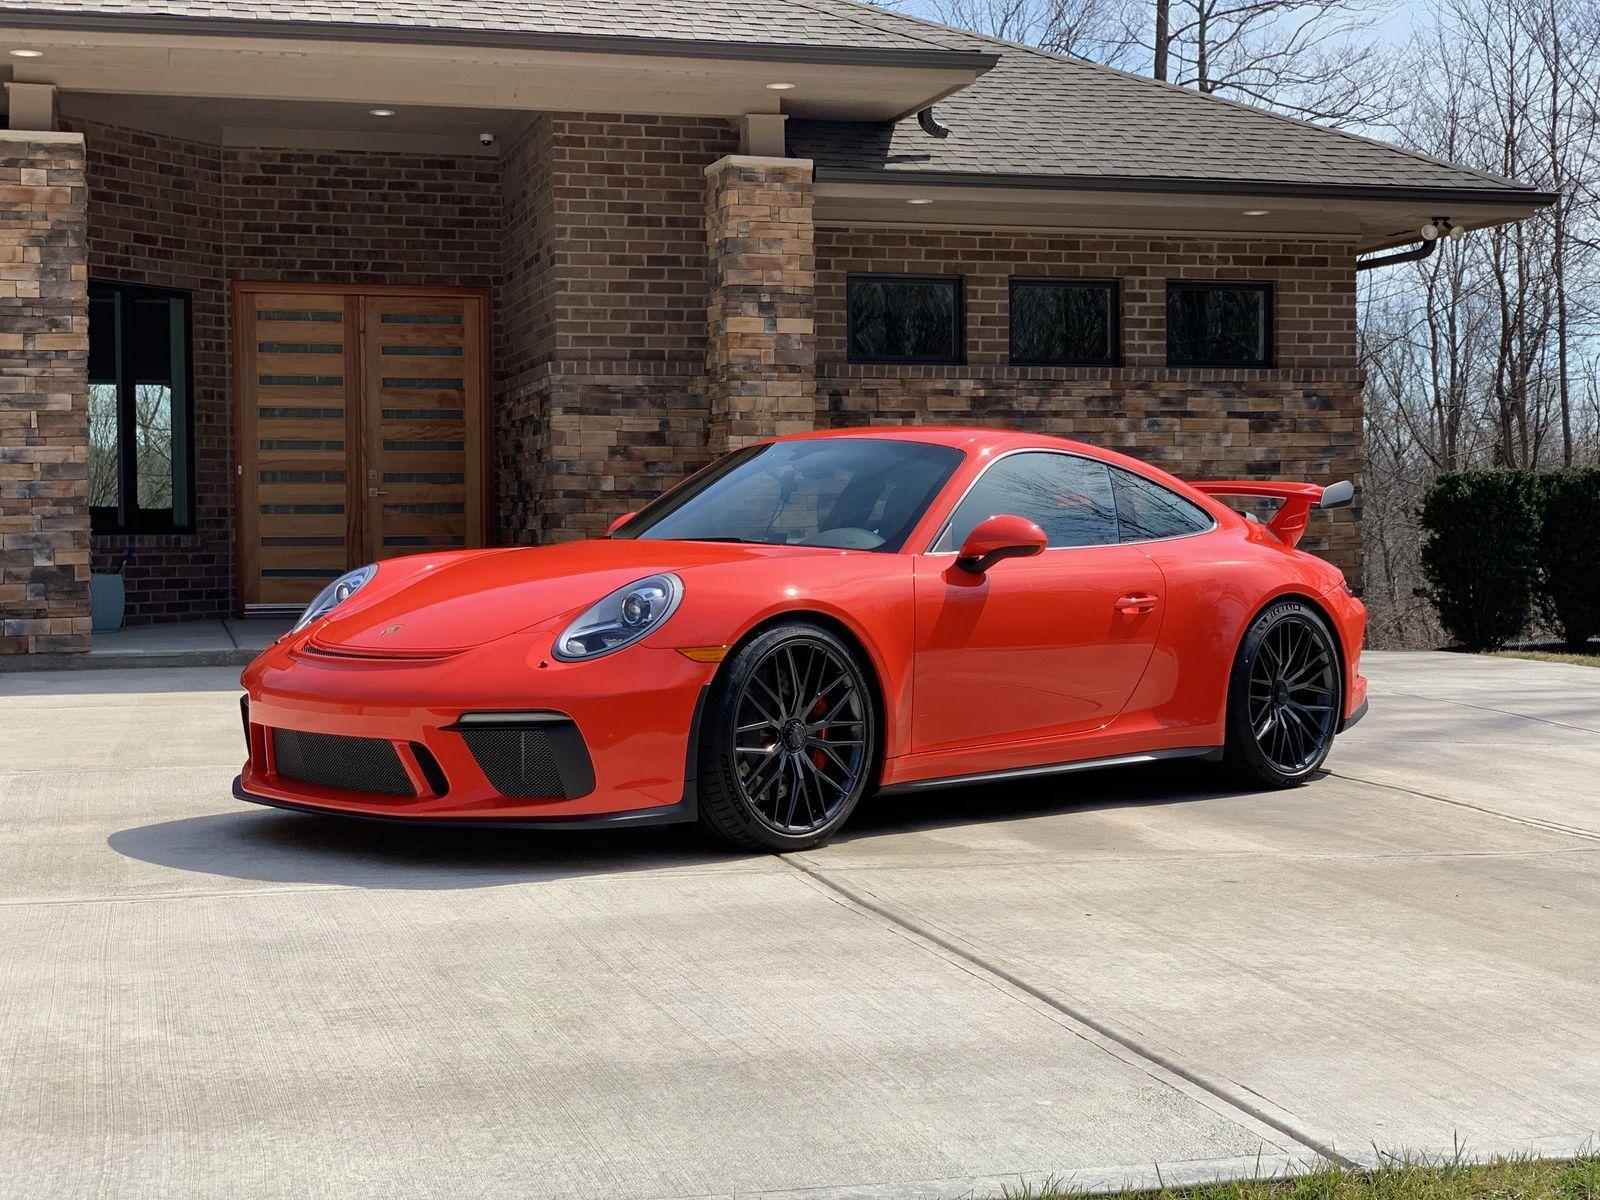 2018 Porsche 911 | Alan Coleman's Lava Orange Porsche 991 GT3 on Forgeline One Piece Forged Monoblock ZH1 Wheels